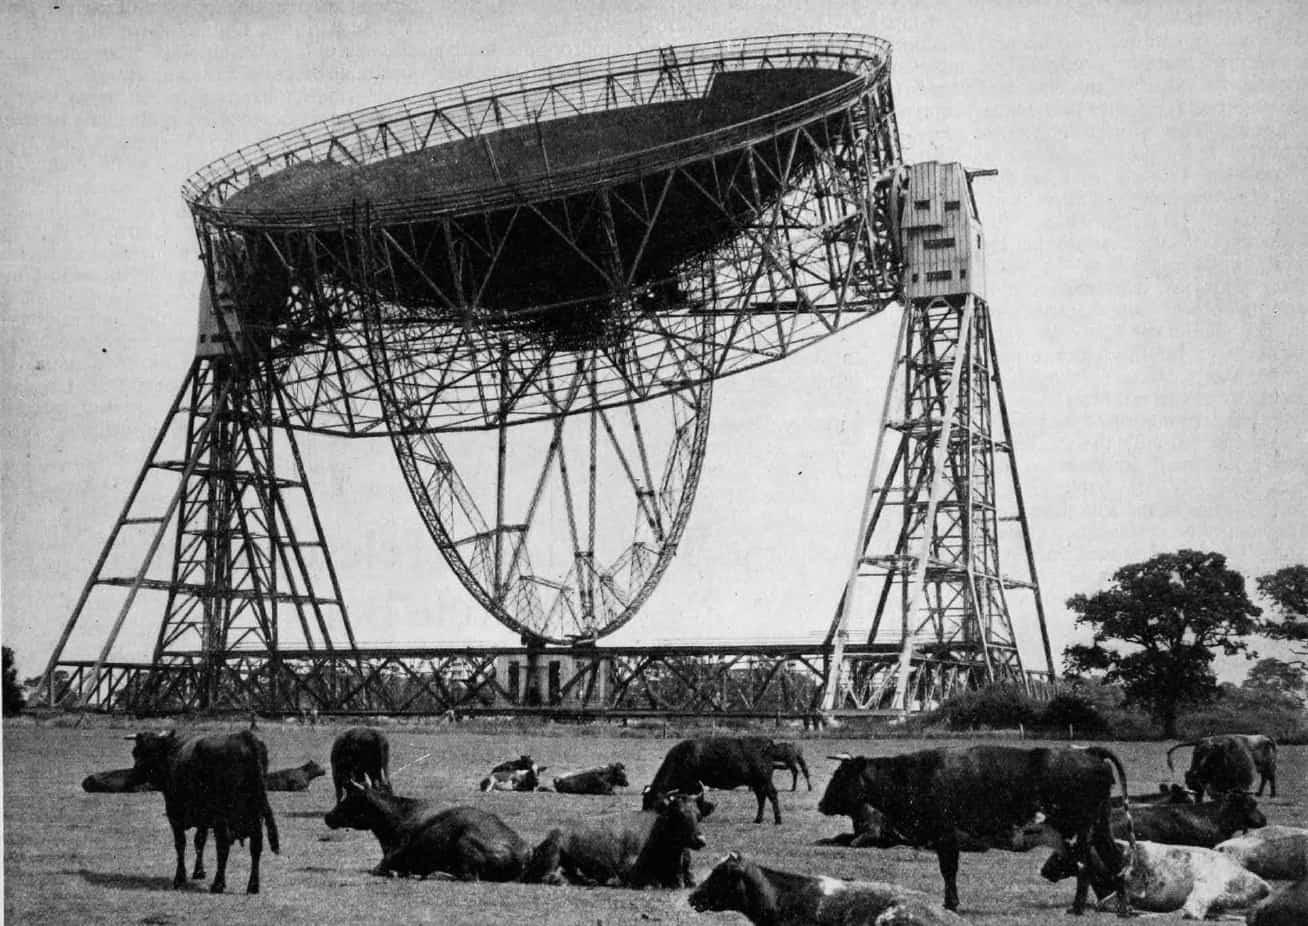 The Lovell Telescope in 1957